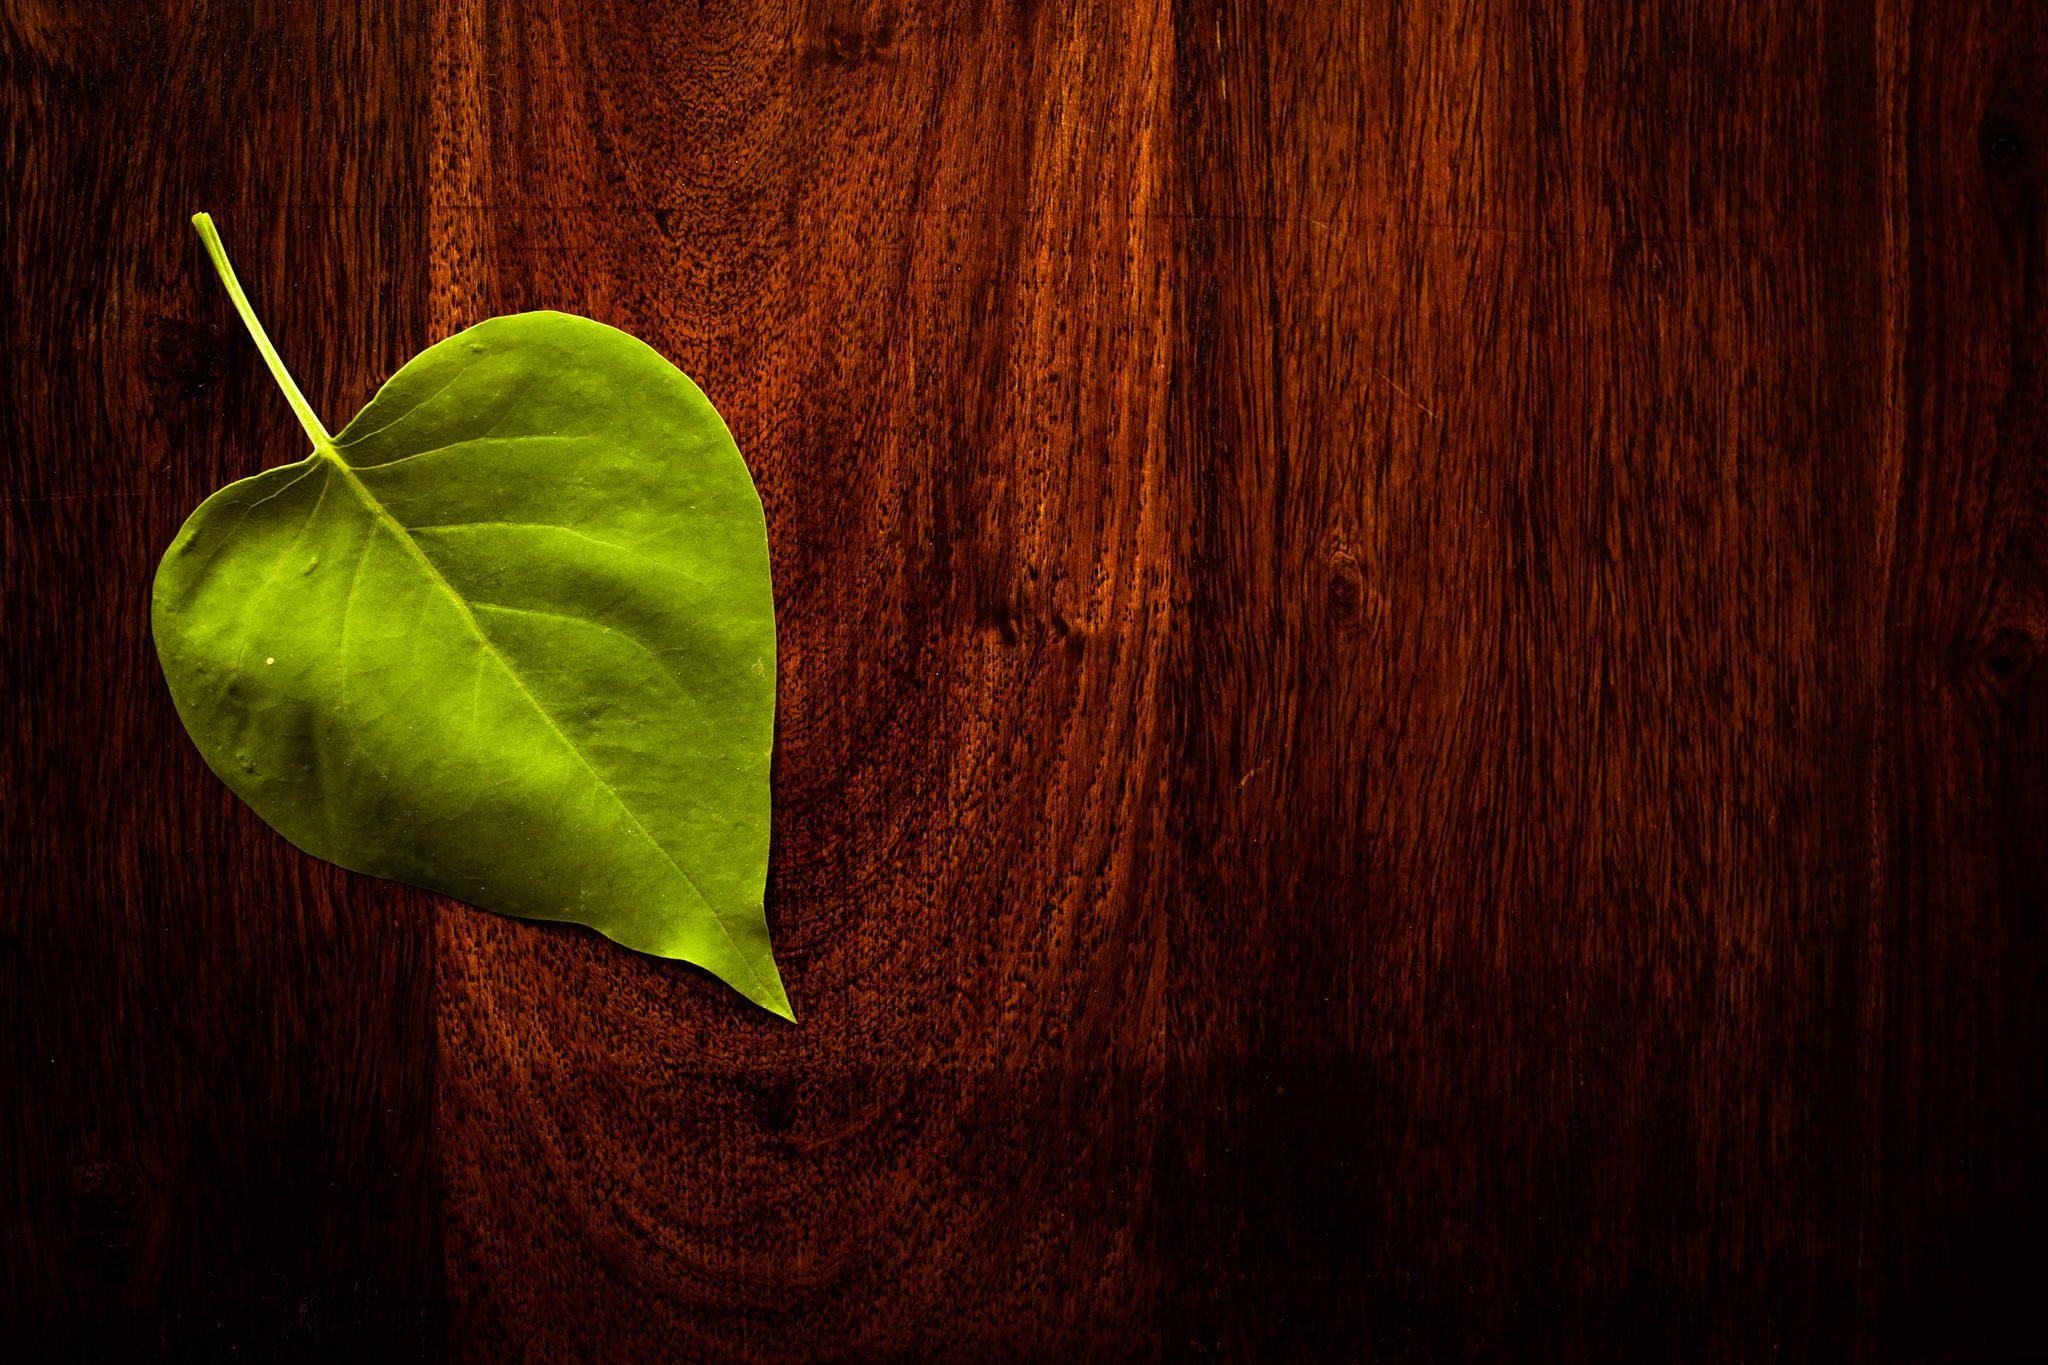 Leaf on wood by Kasper Nymann on 500px